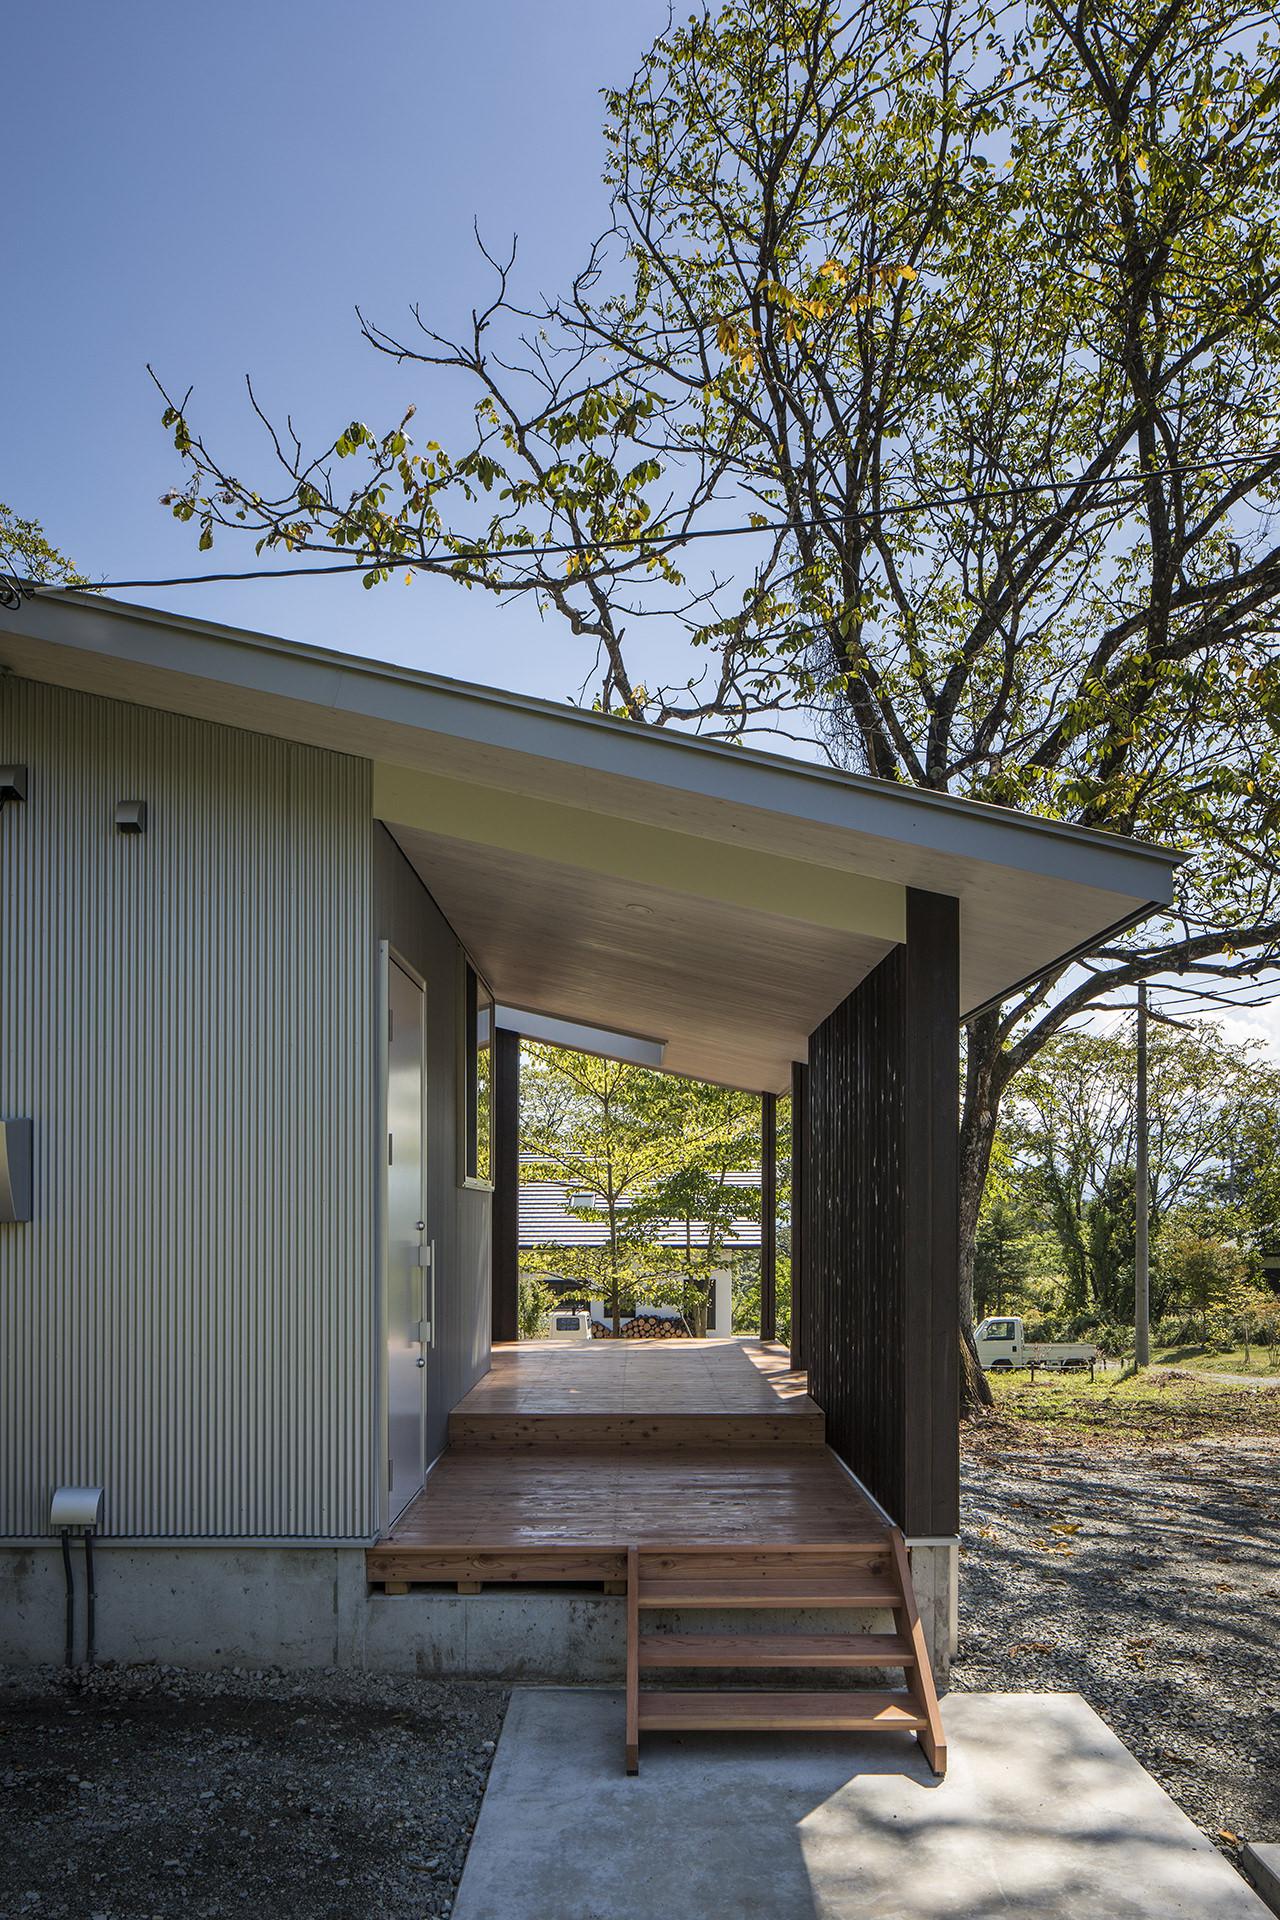 自然に寄り添う、アウトドアリビングをもつ大屋根の家 イメージ4 撮影:東涌写真事務所・東涌宏和